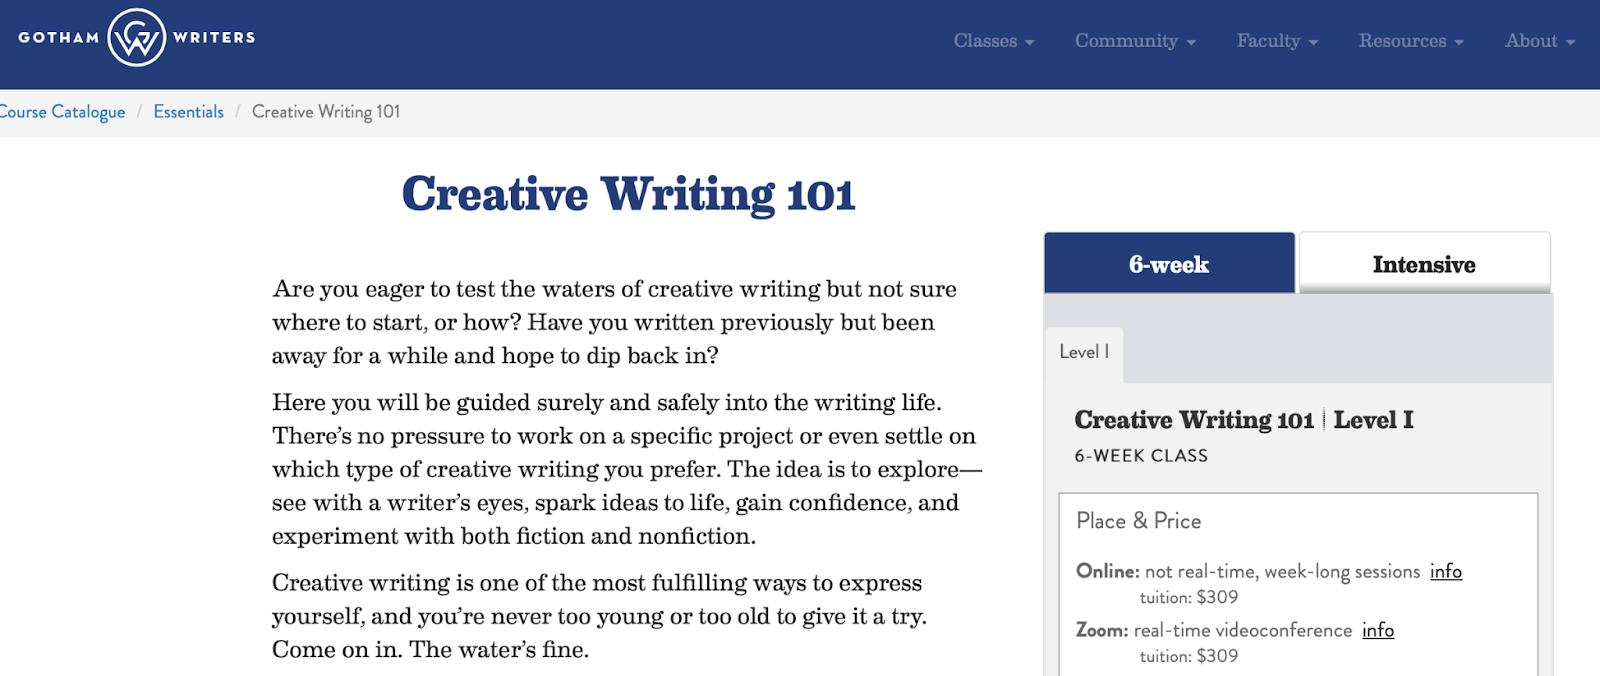 Los mejores cursos de escritura creativa en comparación con Crazy Egg - 1630929382 727 Los mejores cursos de escritura creativa en comparacion con Crazy